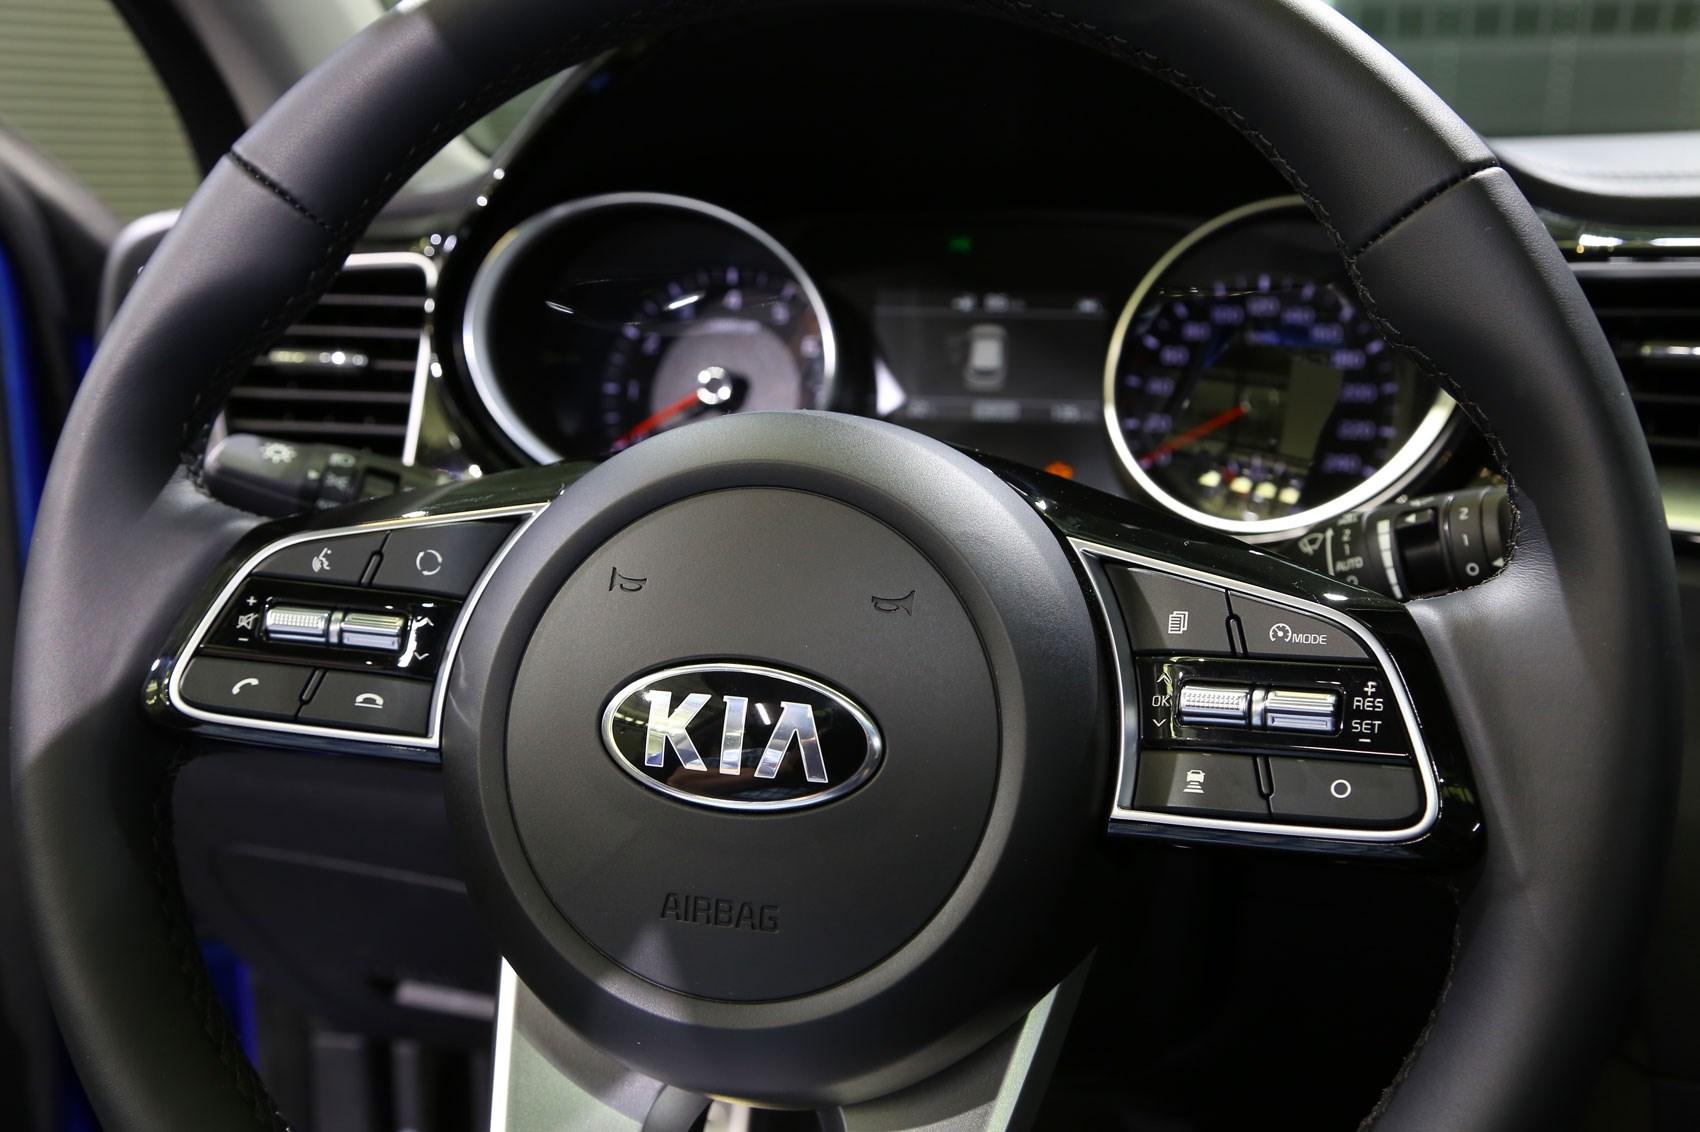 Kia Ceed At The Geneva Motor Show 2018